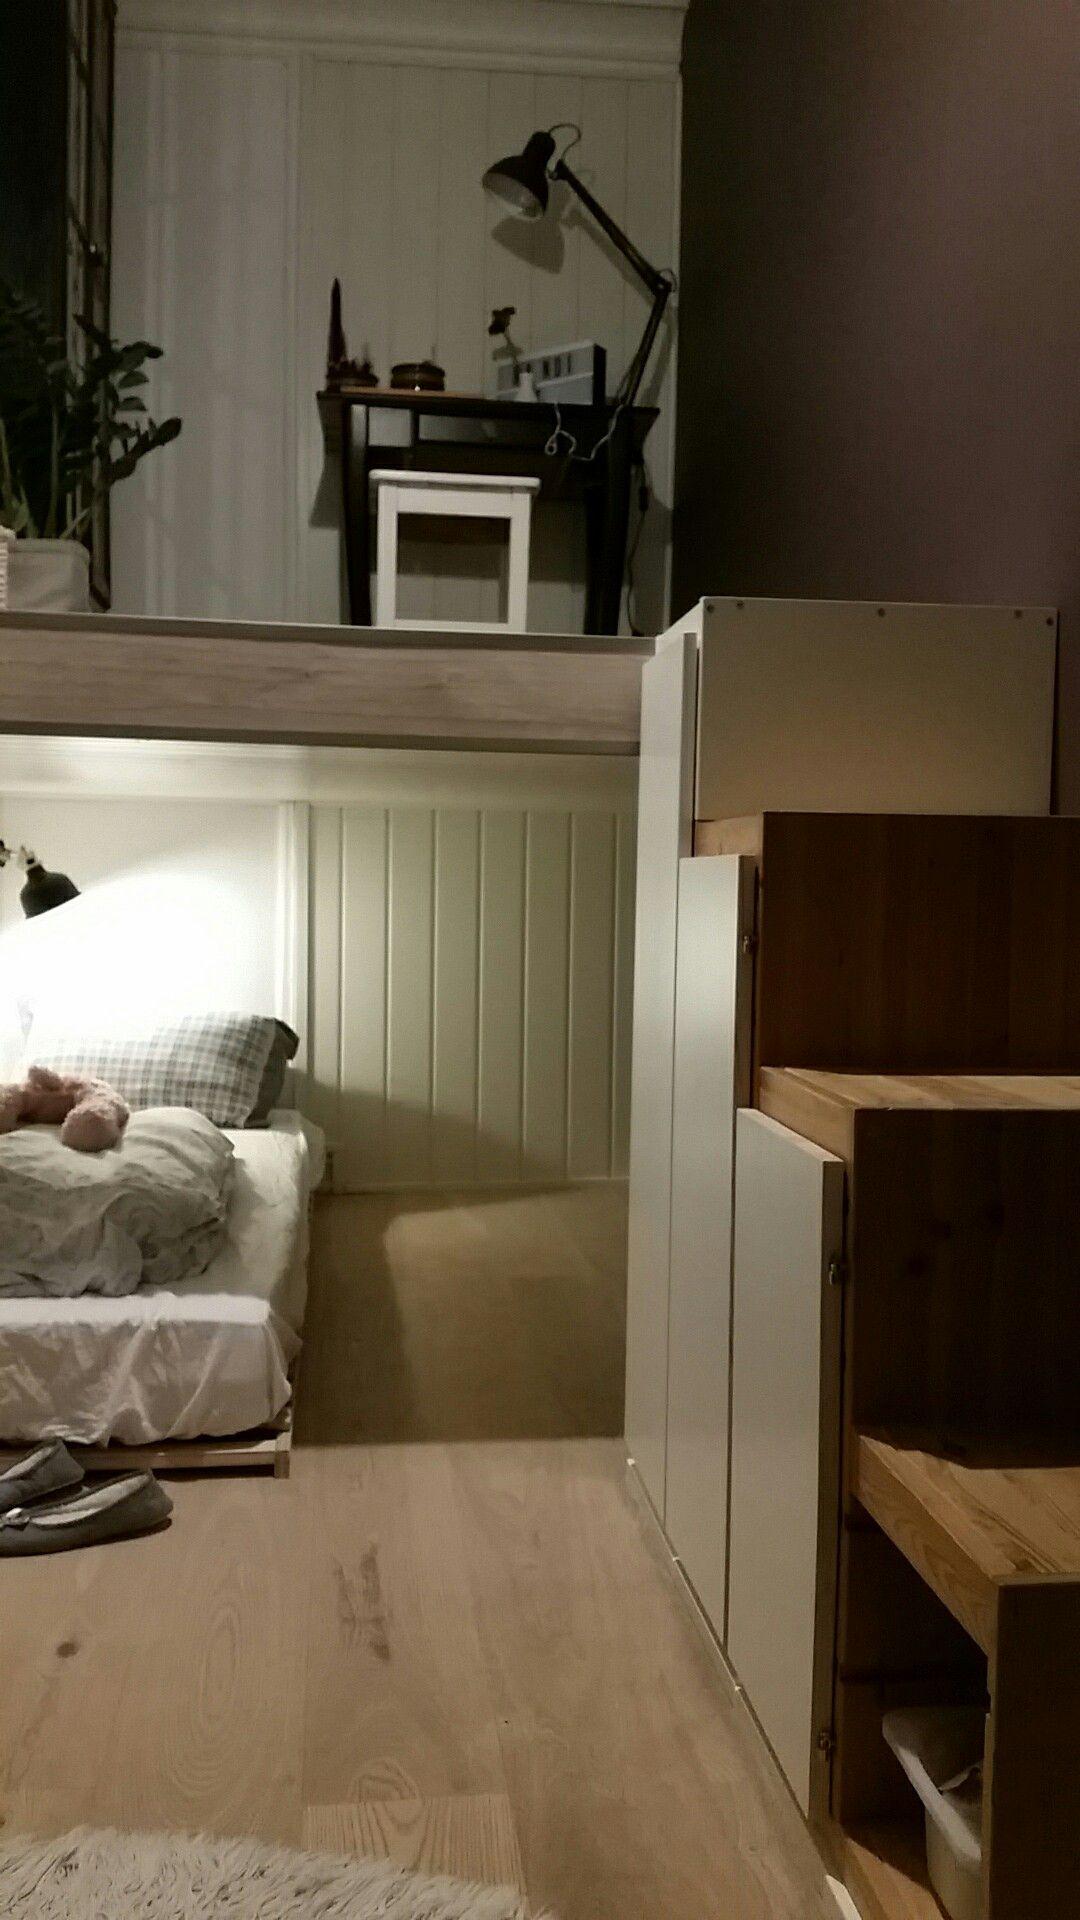 Ikea hack. Utnytte kvadratmetre og takhøyde med hems og ikeas Trofast som trapp. Seng under - skrivebord oppå.